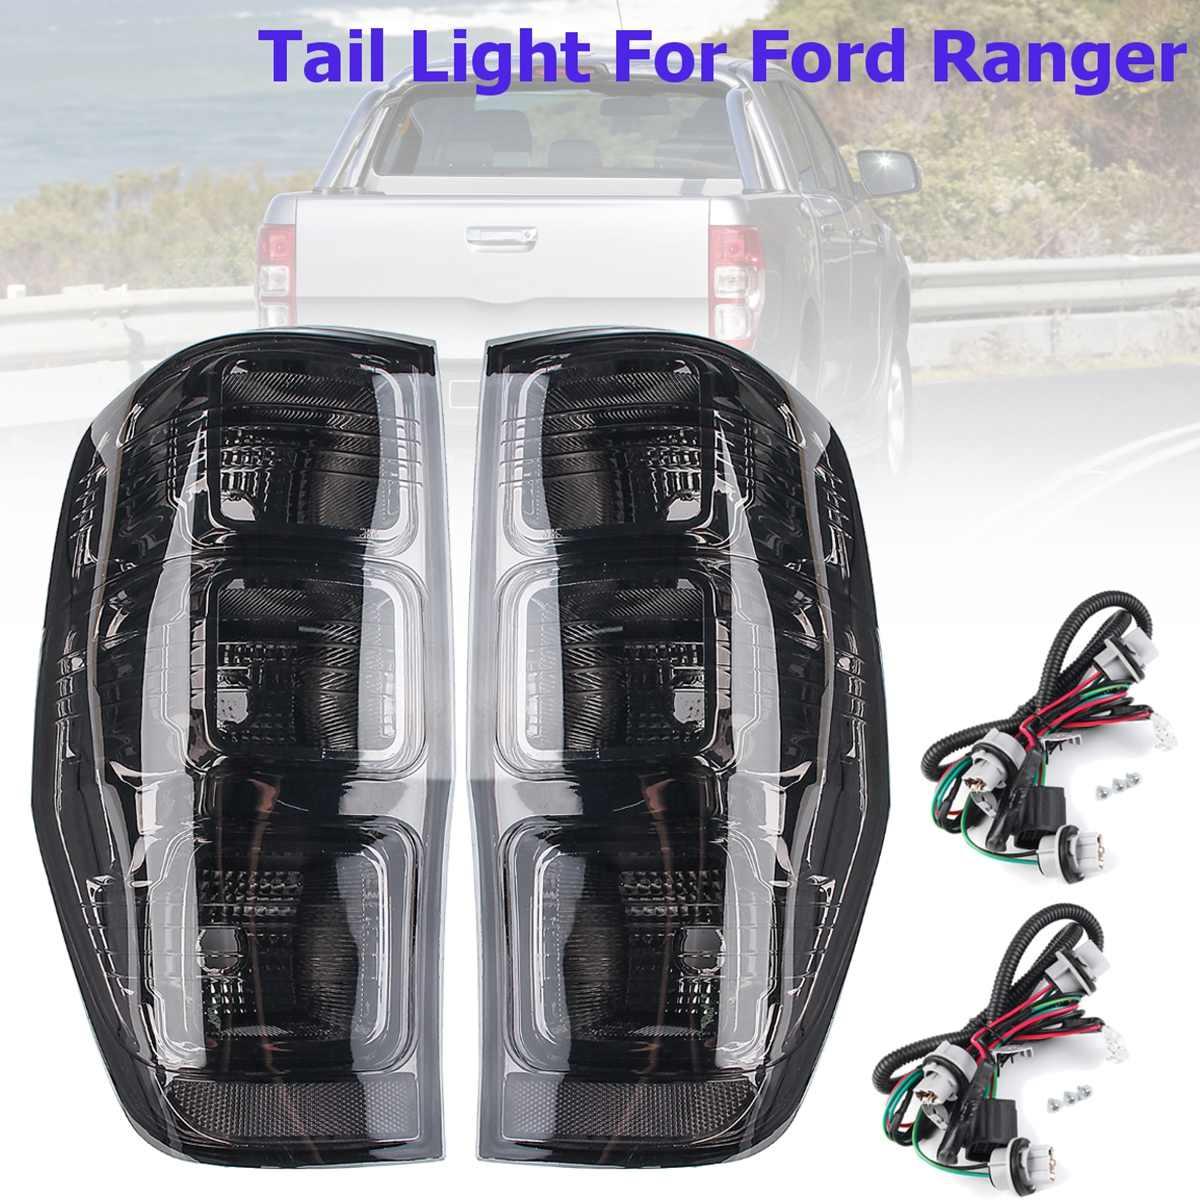 2007-2011 Ford Ranger 2 OEM NEW Rear Right /& Left Tail Light Lamp Assembly Set